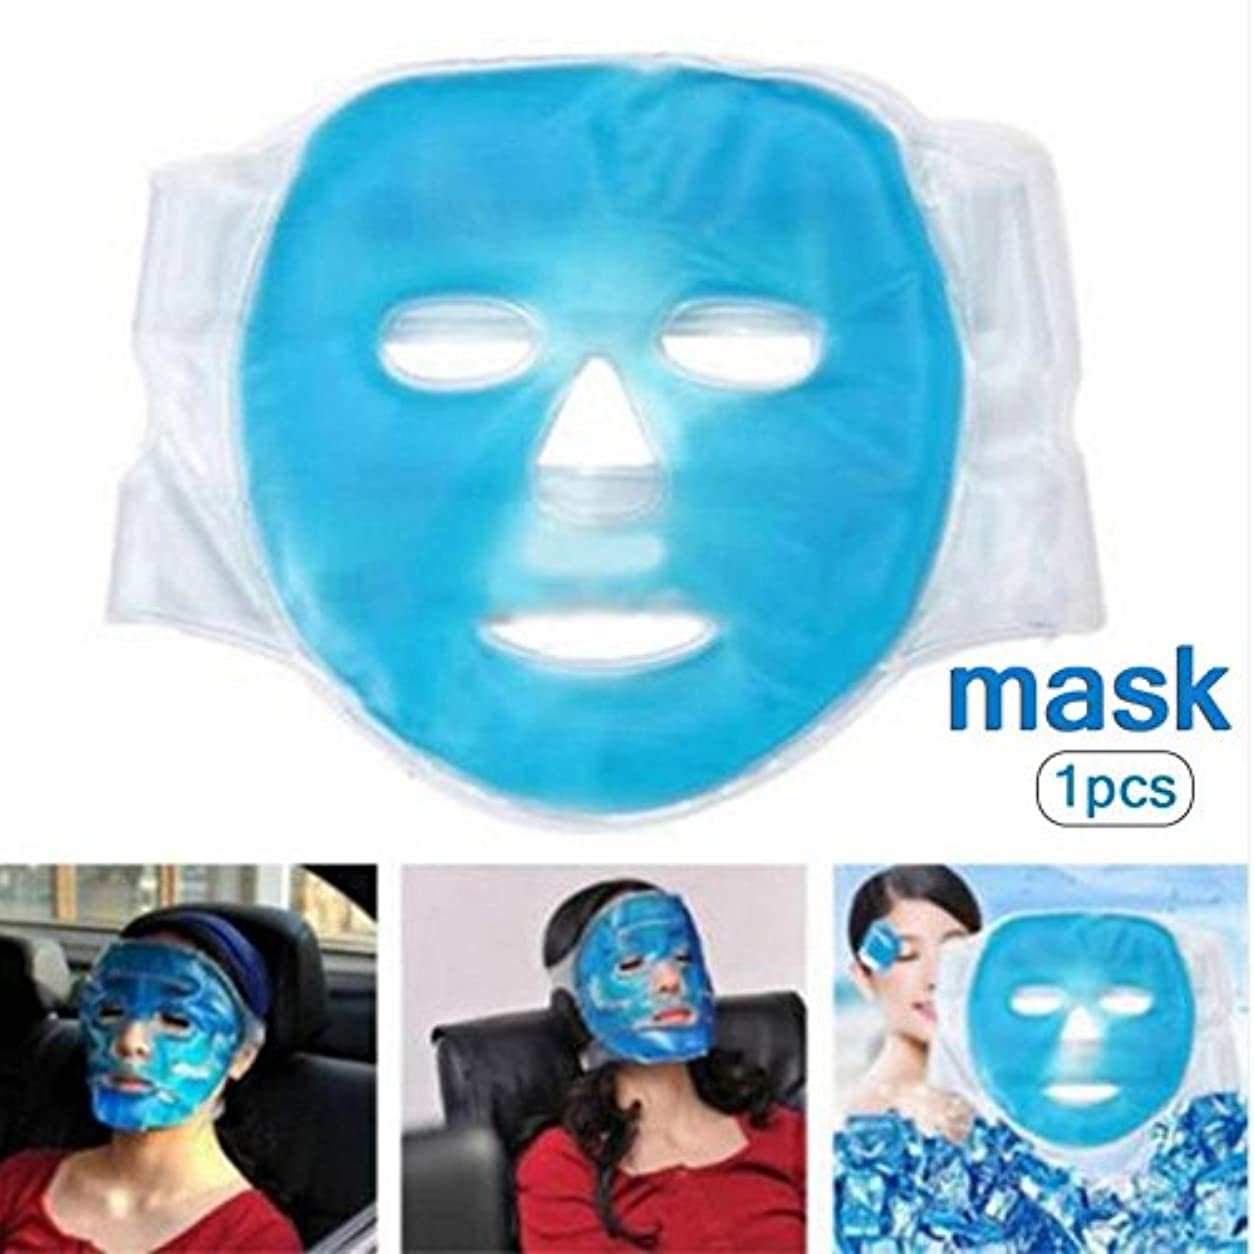 パーティー剥ぎ取るゲートフェイスマスク 冷却マスク 美容マスク 冷温兼用 美容用 再利用可能 理学療法 毛細血管収縮 毛穴収縮 睡眠冷却 疲労緩和 肌ケア 保湿 吸収しやすい コールドパックホットパック 美容マッサージ アイスマスク (ブルー)